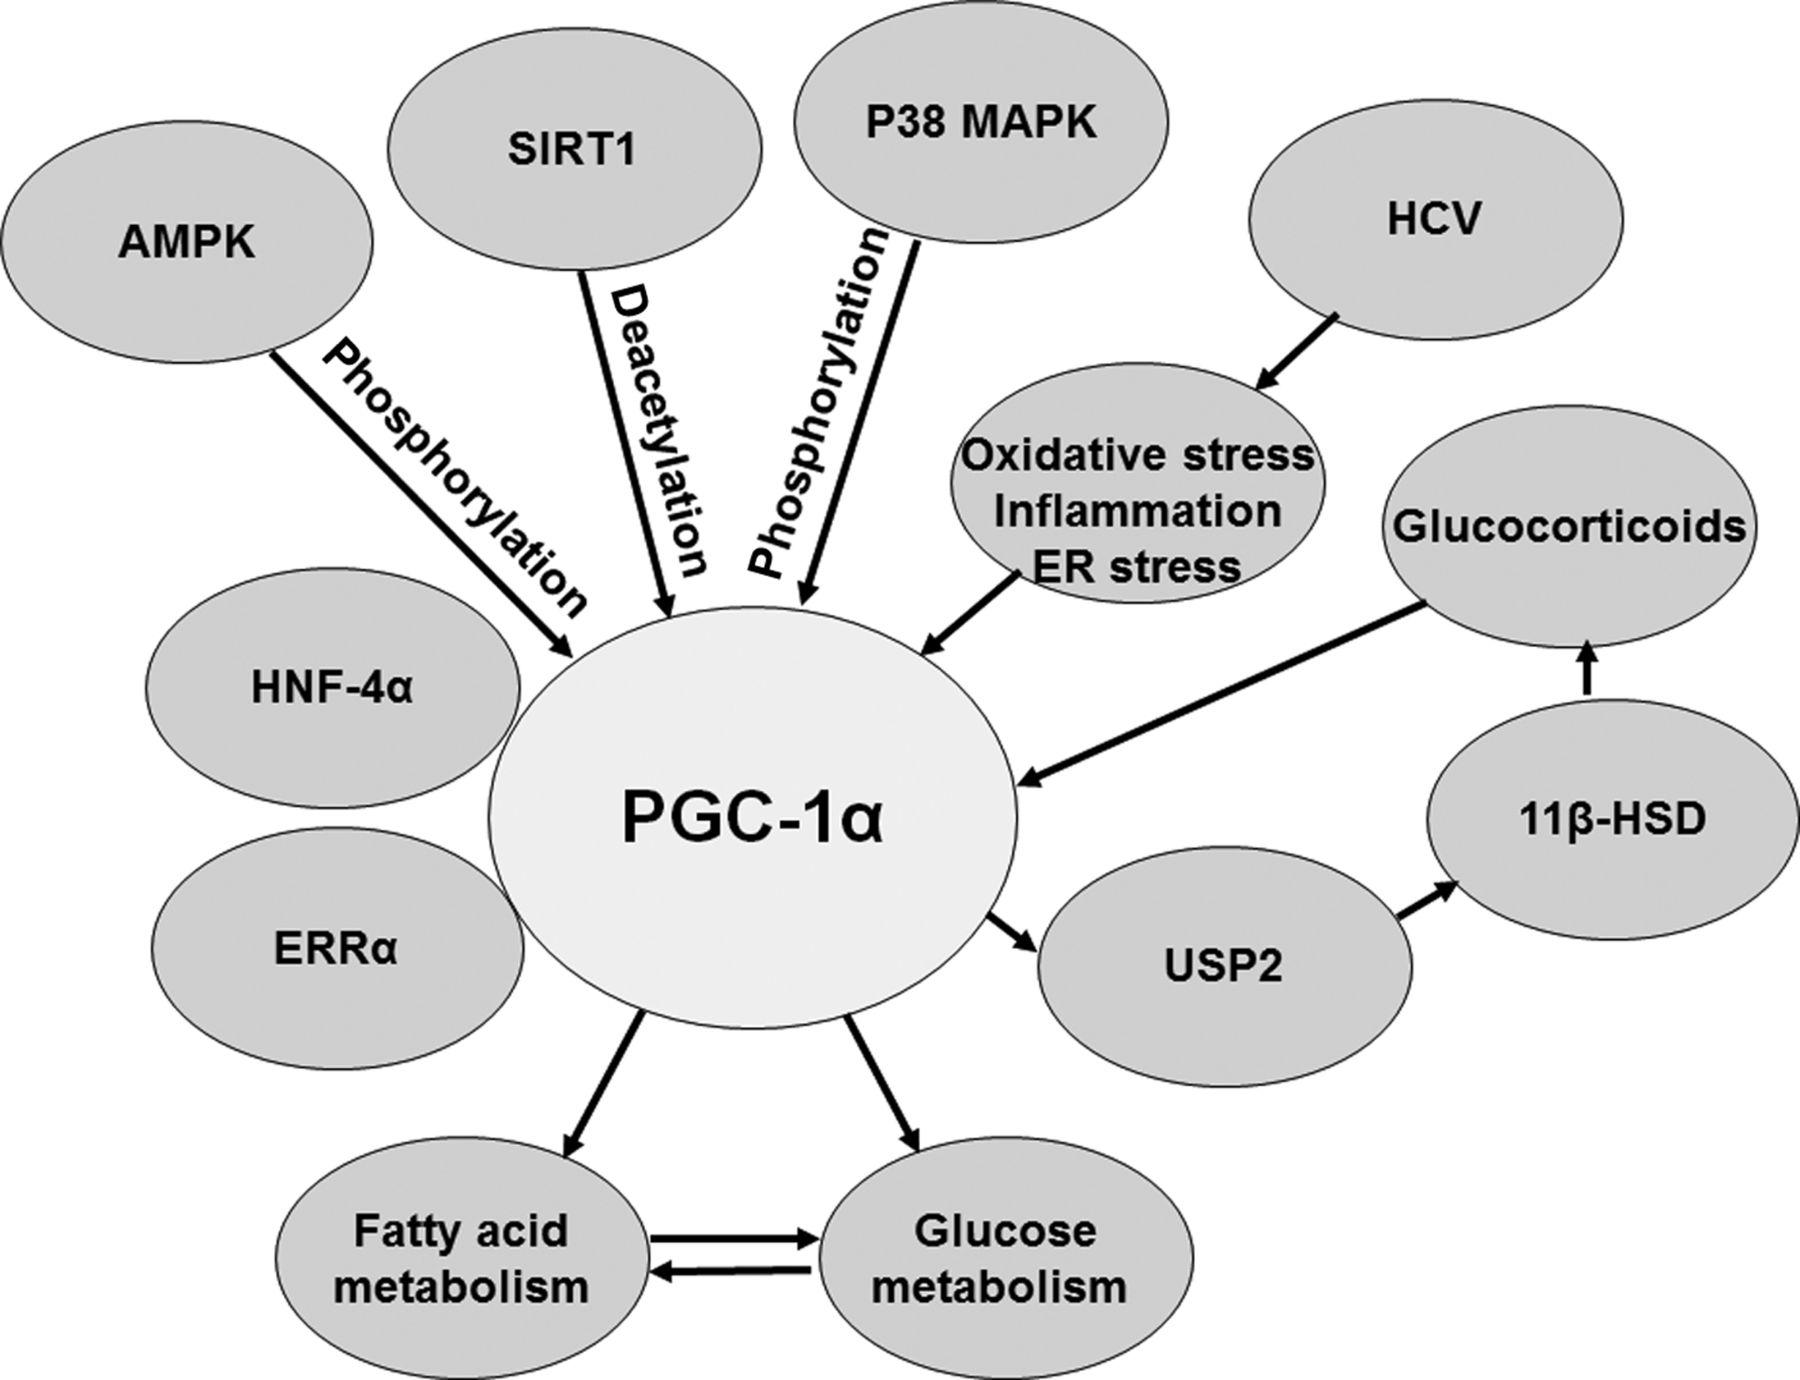 pgc-1 alfa y diabetes